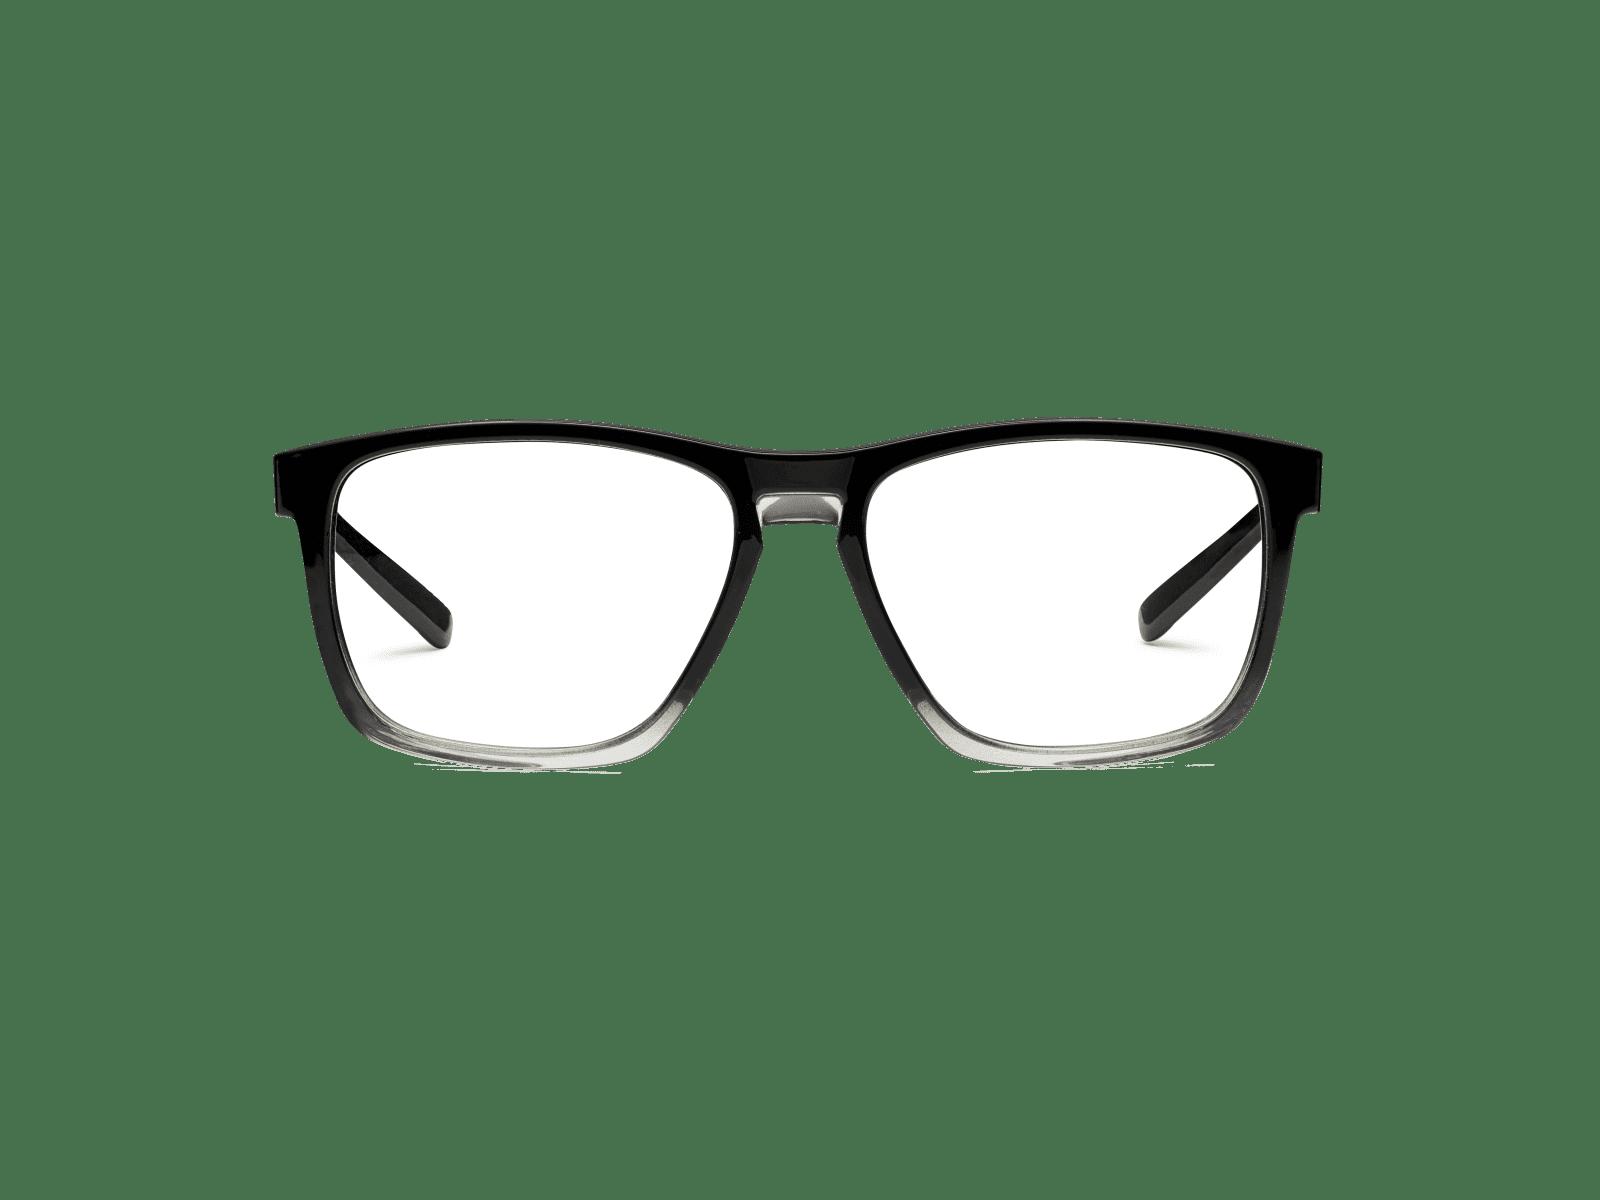 Monoart Schutzbrille schwarz Nylon